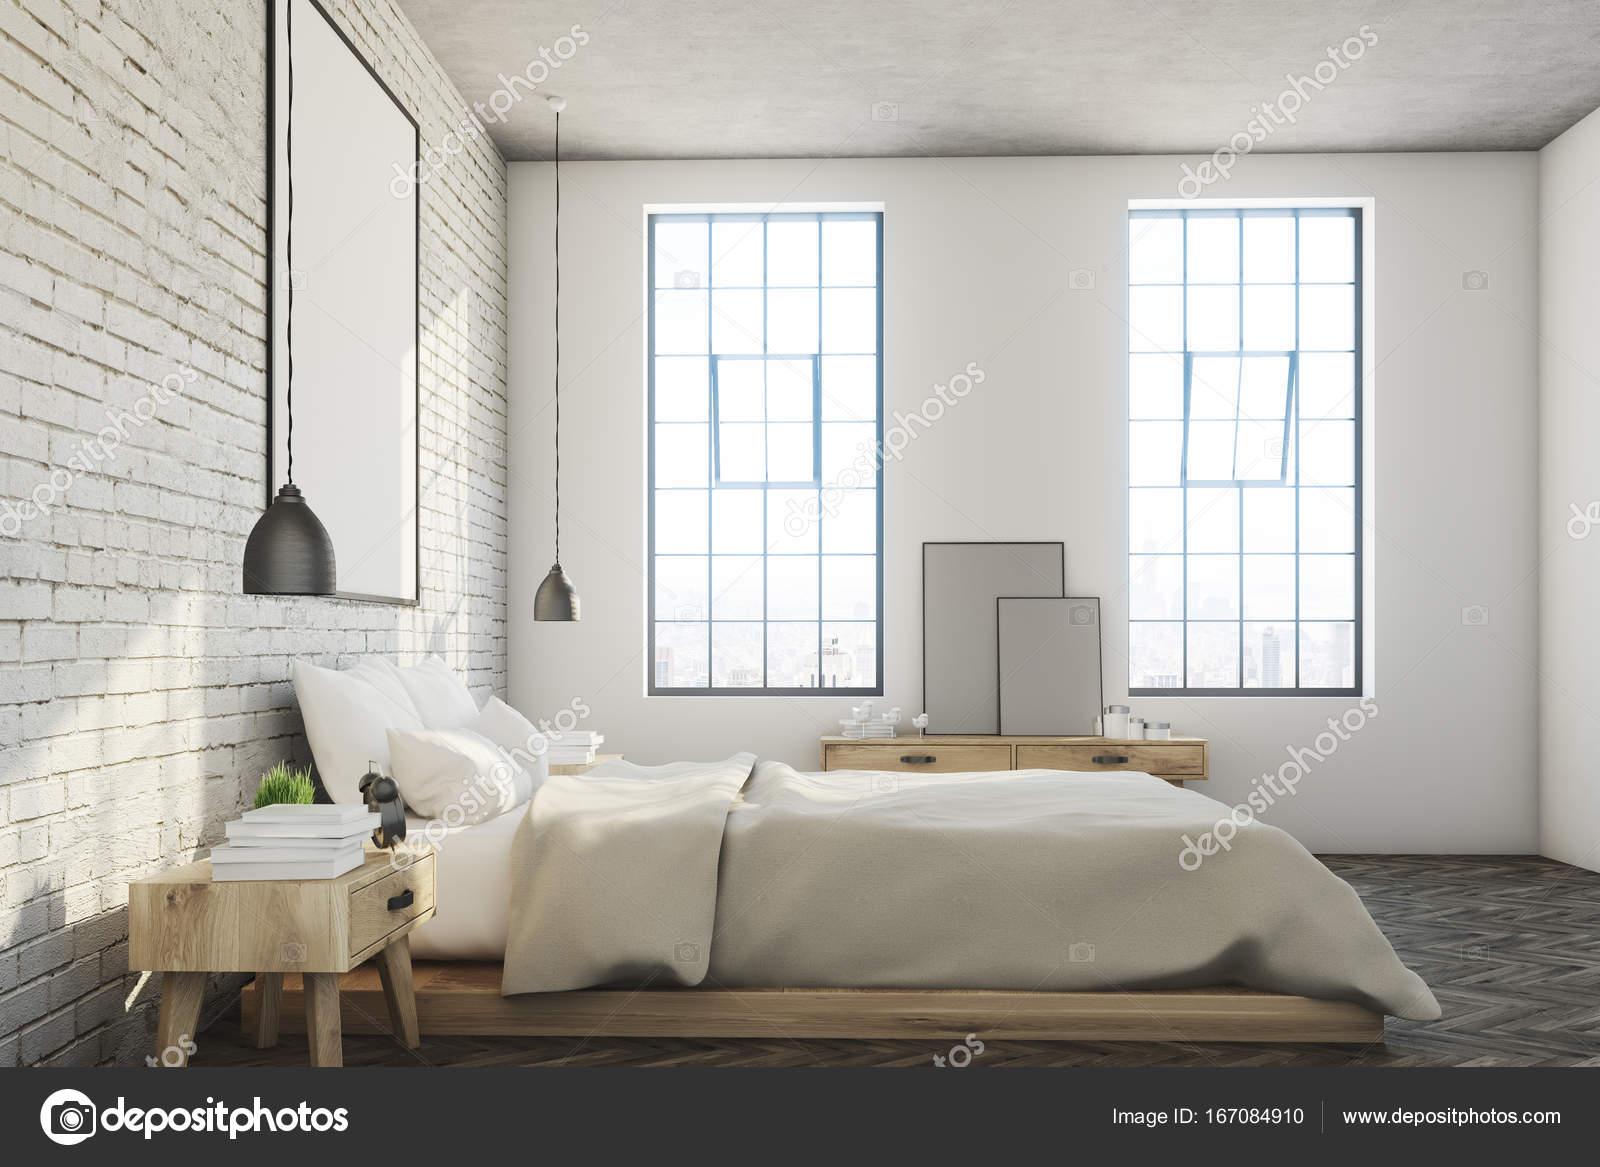 Camera da letto di mattoni bianchi poster lato foto stock denisismagilov 167084910 - Poster camera da letto ...